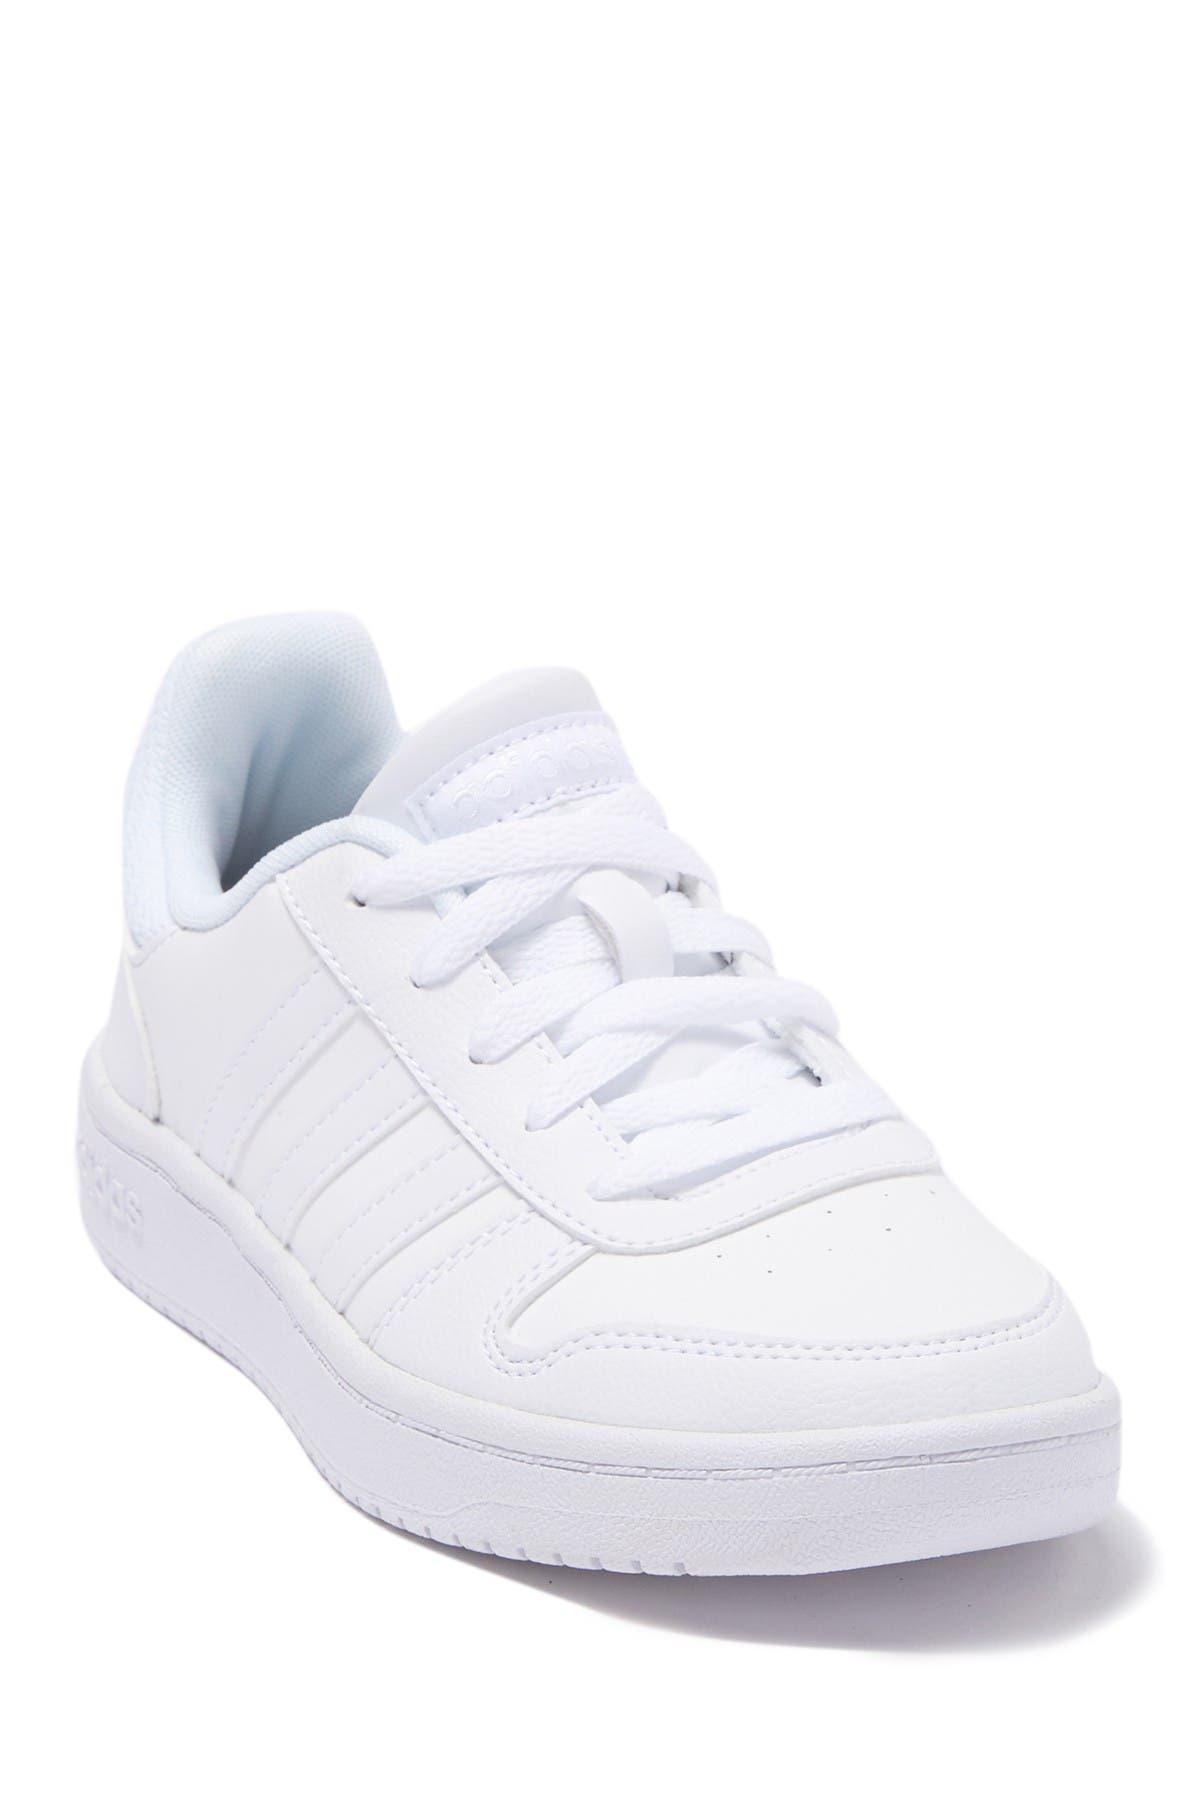 Image of adidas Hoops 2.0 Sneaker